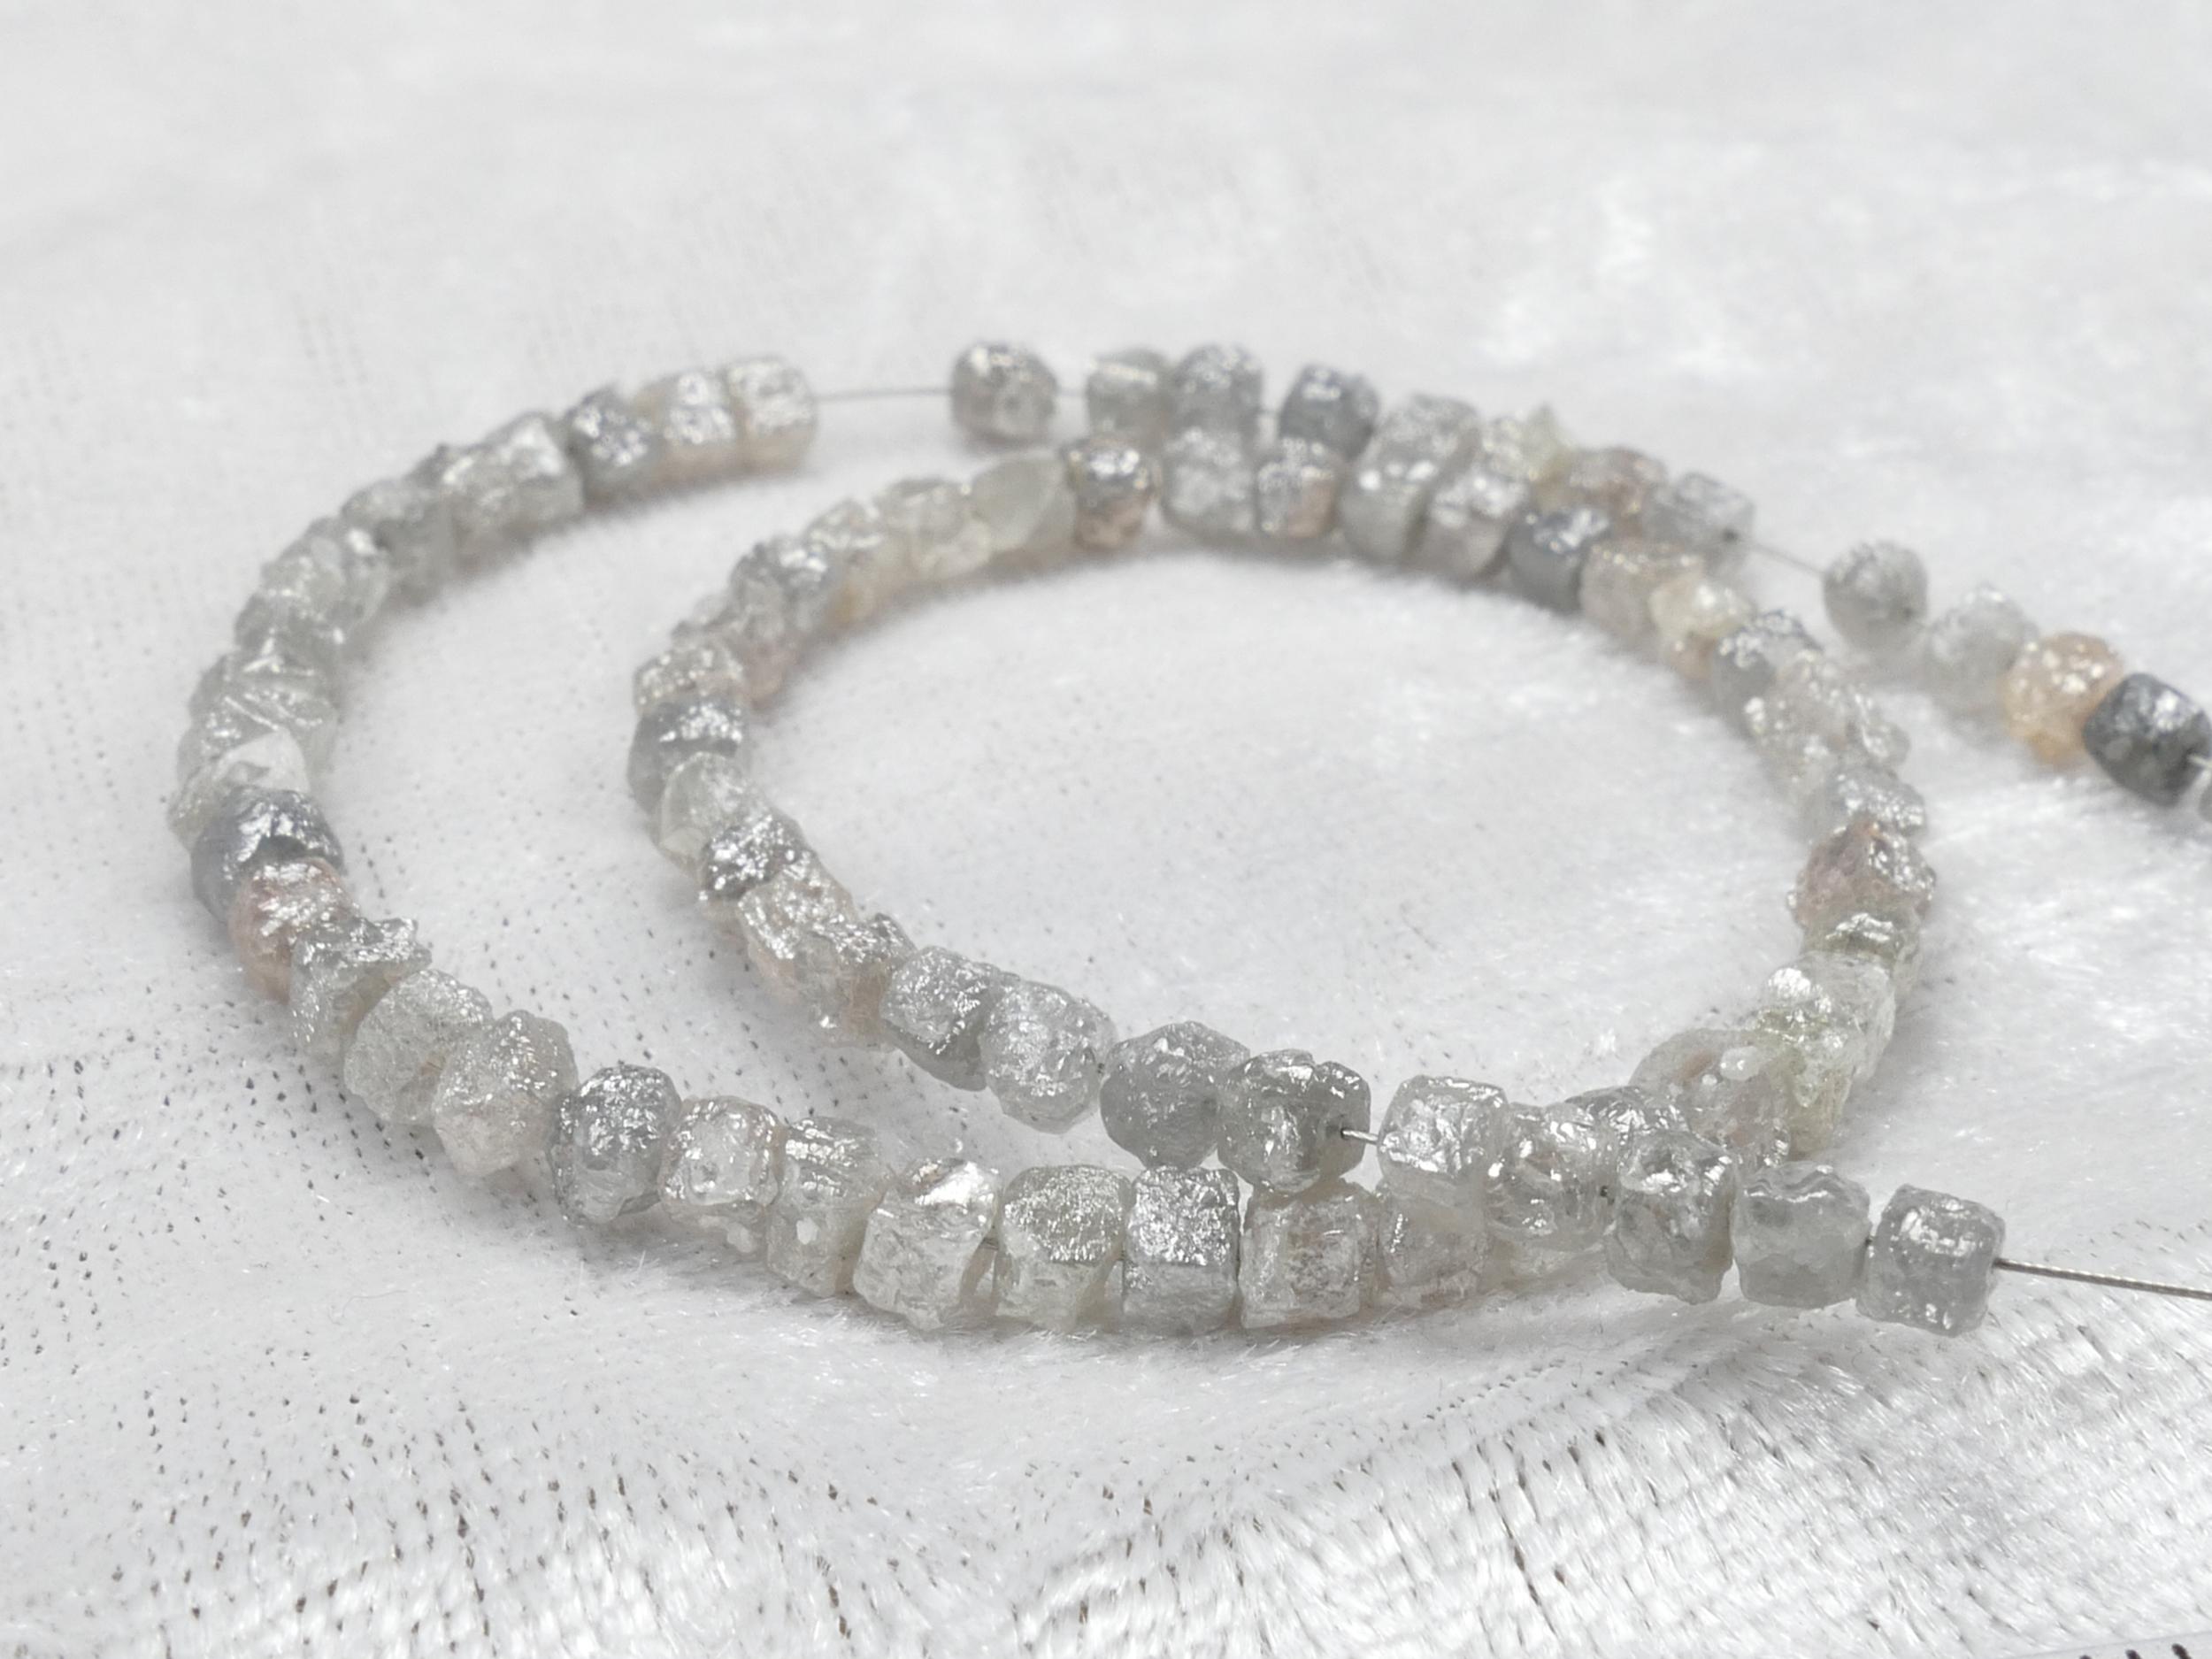 3/3.5mm x4 Perles de Diamant naturel brut forme cubique cube percée mélange gris / gris clair trou 0.3mm (#AC1055)